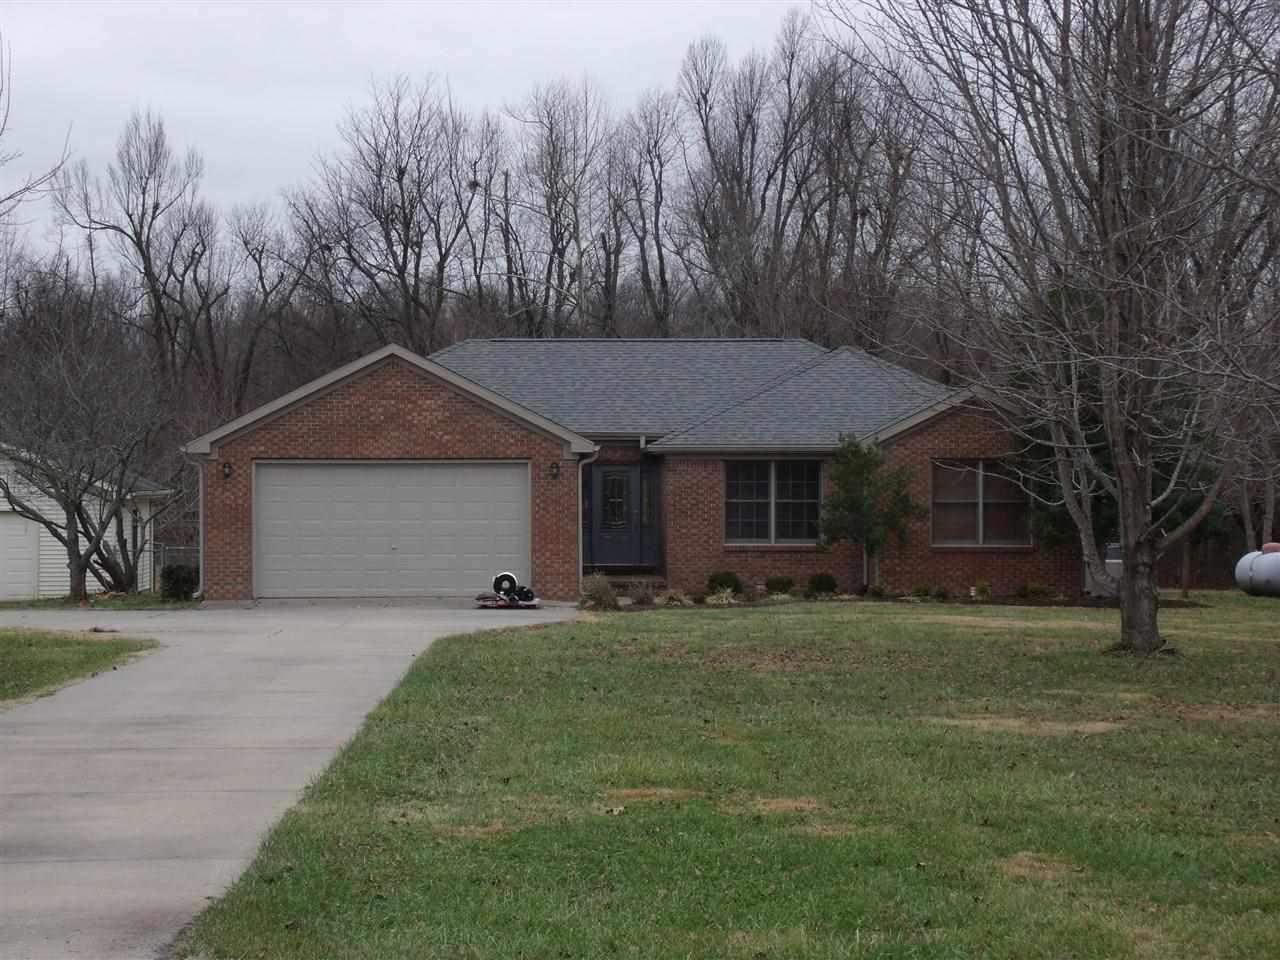 Real Estate for Sale, ListingId: 31013922, Kevil,KY42053